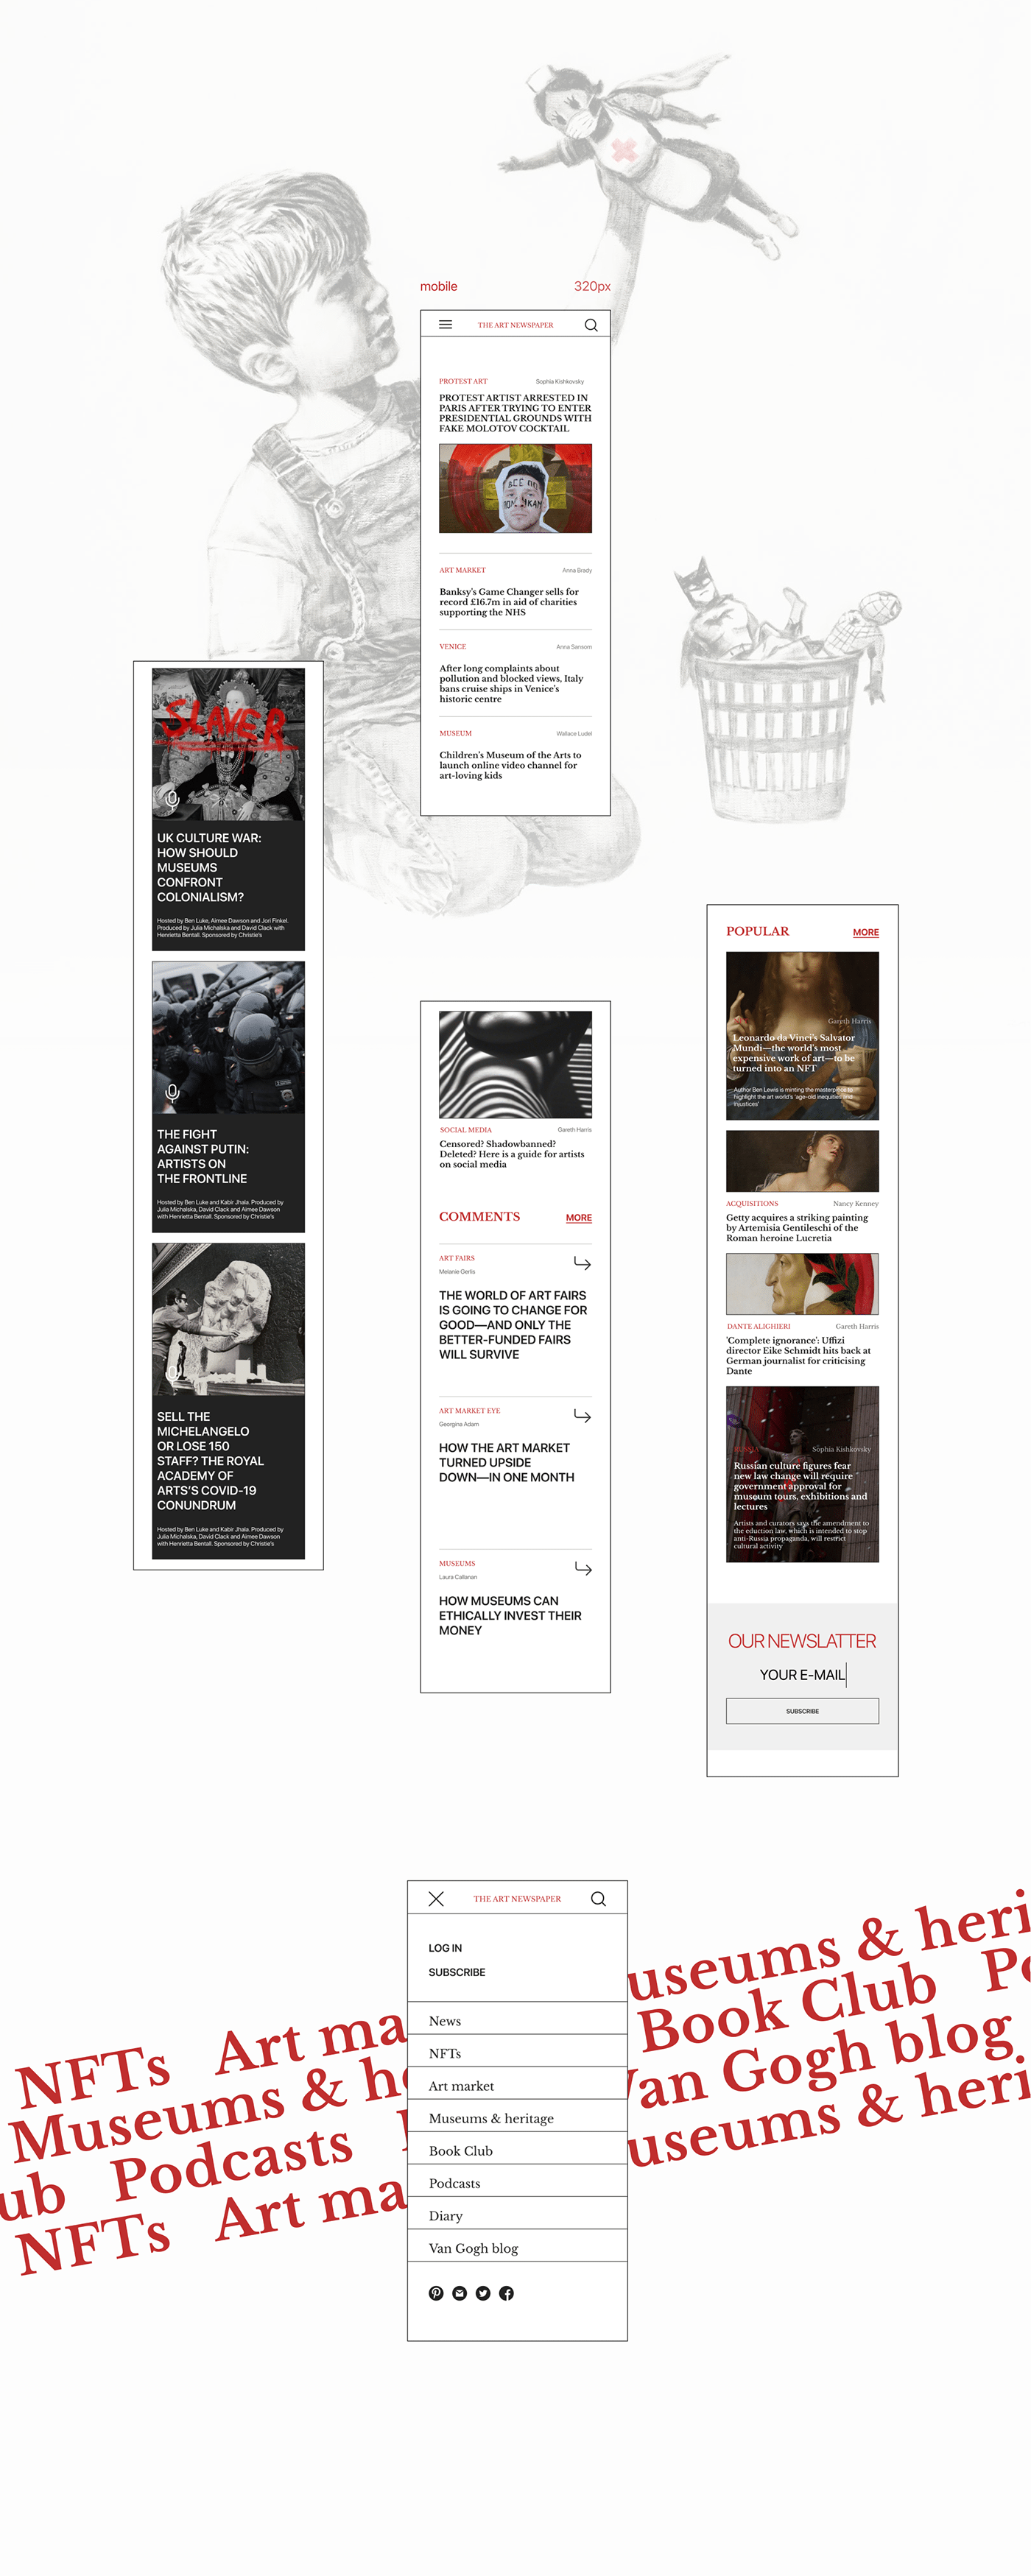 art news news website nft the art newspaper UI ux ux/ui Web Design  Website